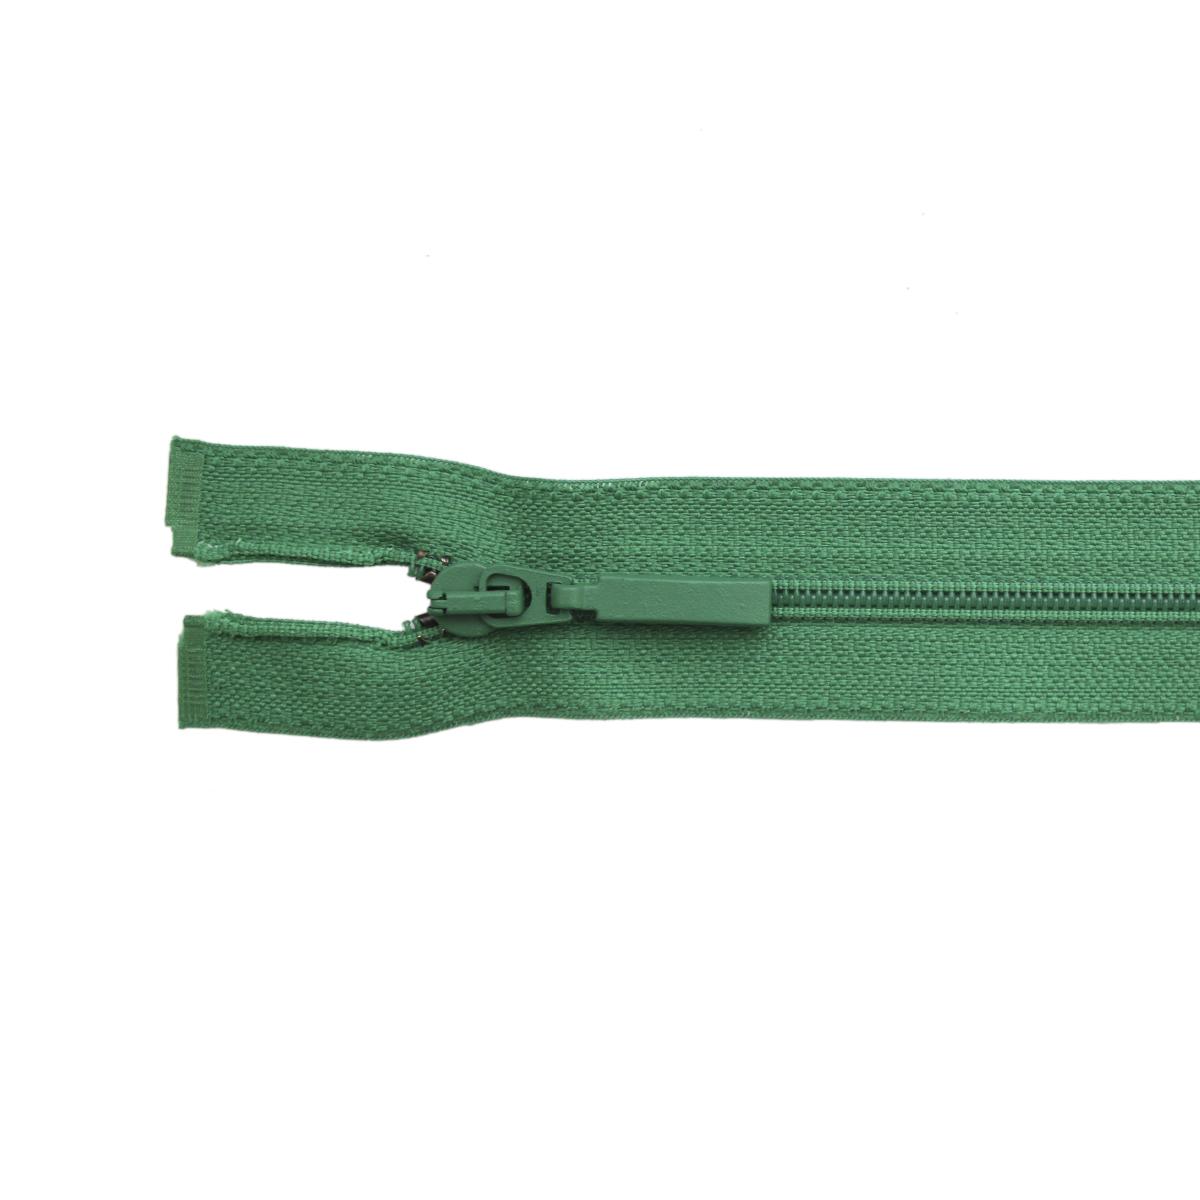 Застежка-молния витая Arta-F, цвет: зеленый (084), 45 см25345-084Продукция ARTA-F сертифицирована на Российский, Британский и Латвийский стандарт. Фурнитура ARTA-F изготавливается из европейских материалов, на современном оборудовании, в соответствии с высокими требованиями стандартов. Вся продукция фабрики проходит тесты на качество.Звено застежки-молнии Экстра имеет боковые приливы, которые исключают контакт замка с текстильной лентой, а сокращенный до минимума зазор между замком и приливами звена предохраняет от возможности попадания в замок подкладки, меха, нитей. В то же время эти меры повышают прочность застежки при высоких нагрузках, особенно на изгиб. Применение таких приливов на молниях ARTA-F не только повышает эксплуатационные качества застежки, но и увеличивает прочность крепления звена к ленте, и продлевает срок службы застежек-молний ARTA-F. Такая застежка-молния безопасна, легка в использовании и не повредит одежду.